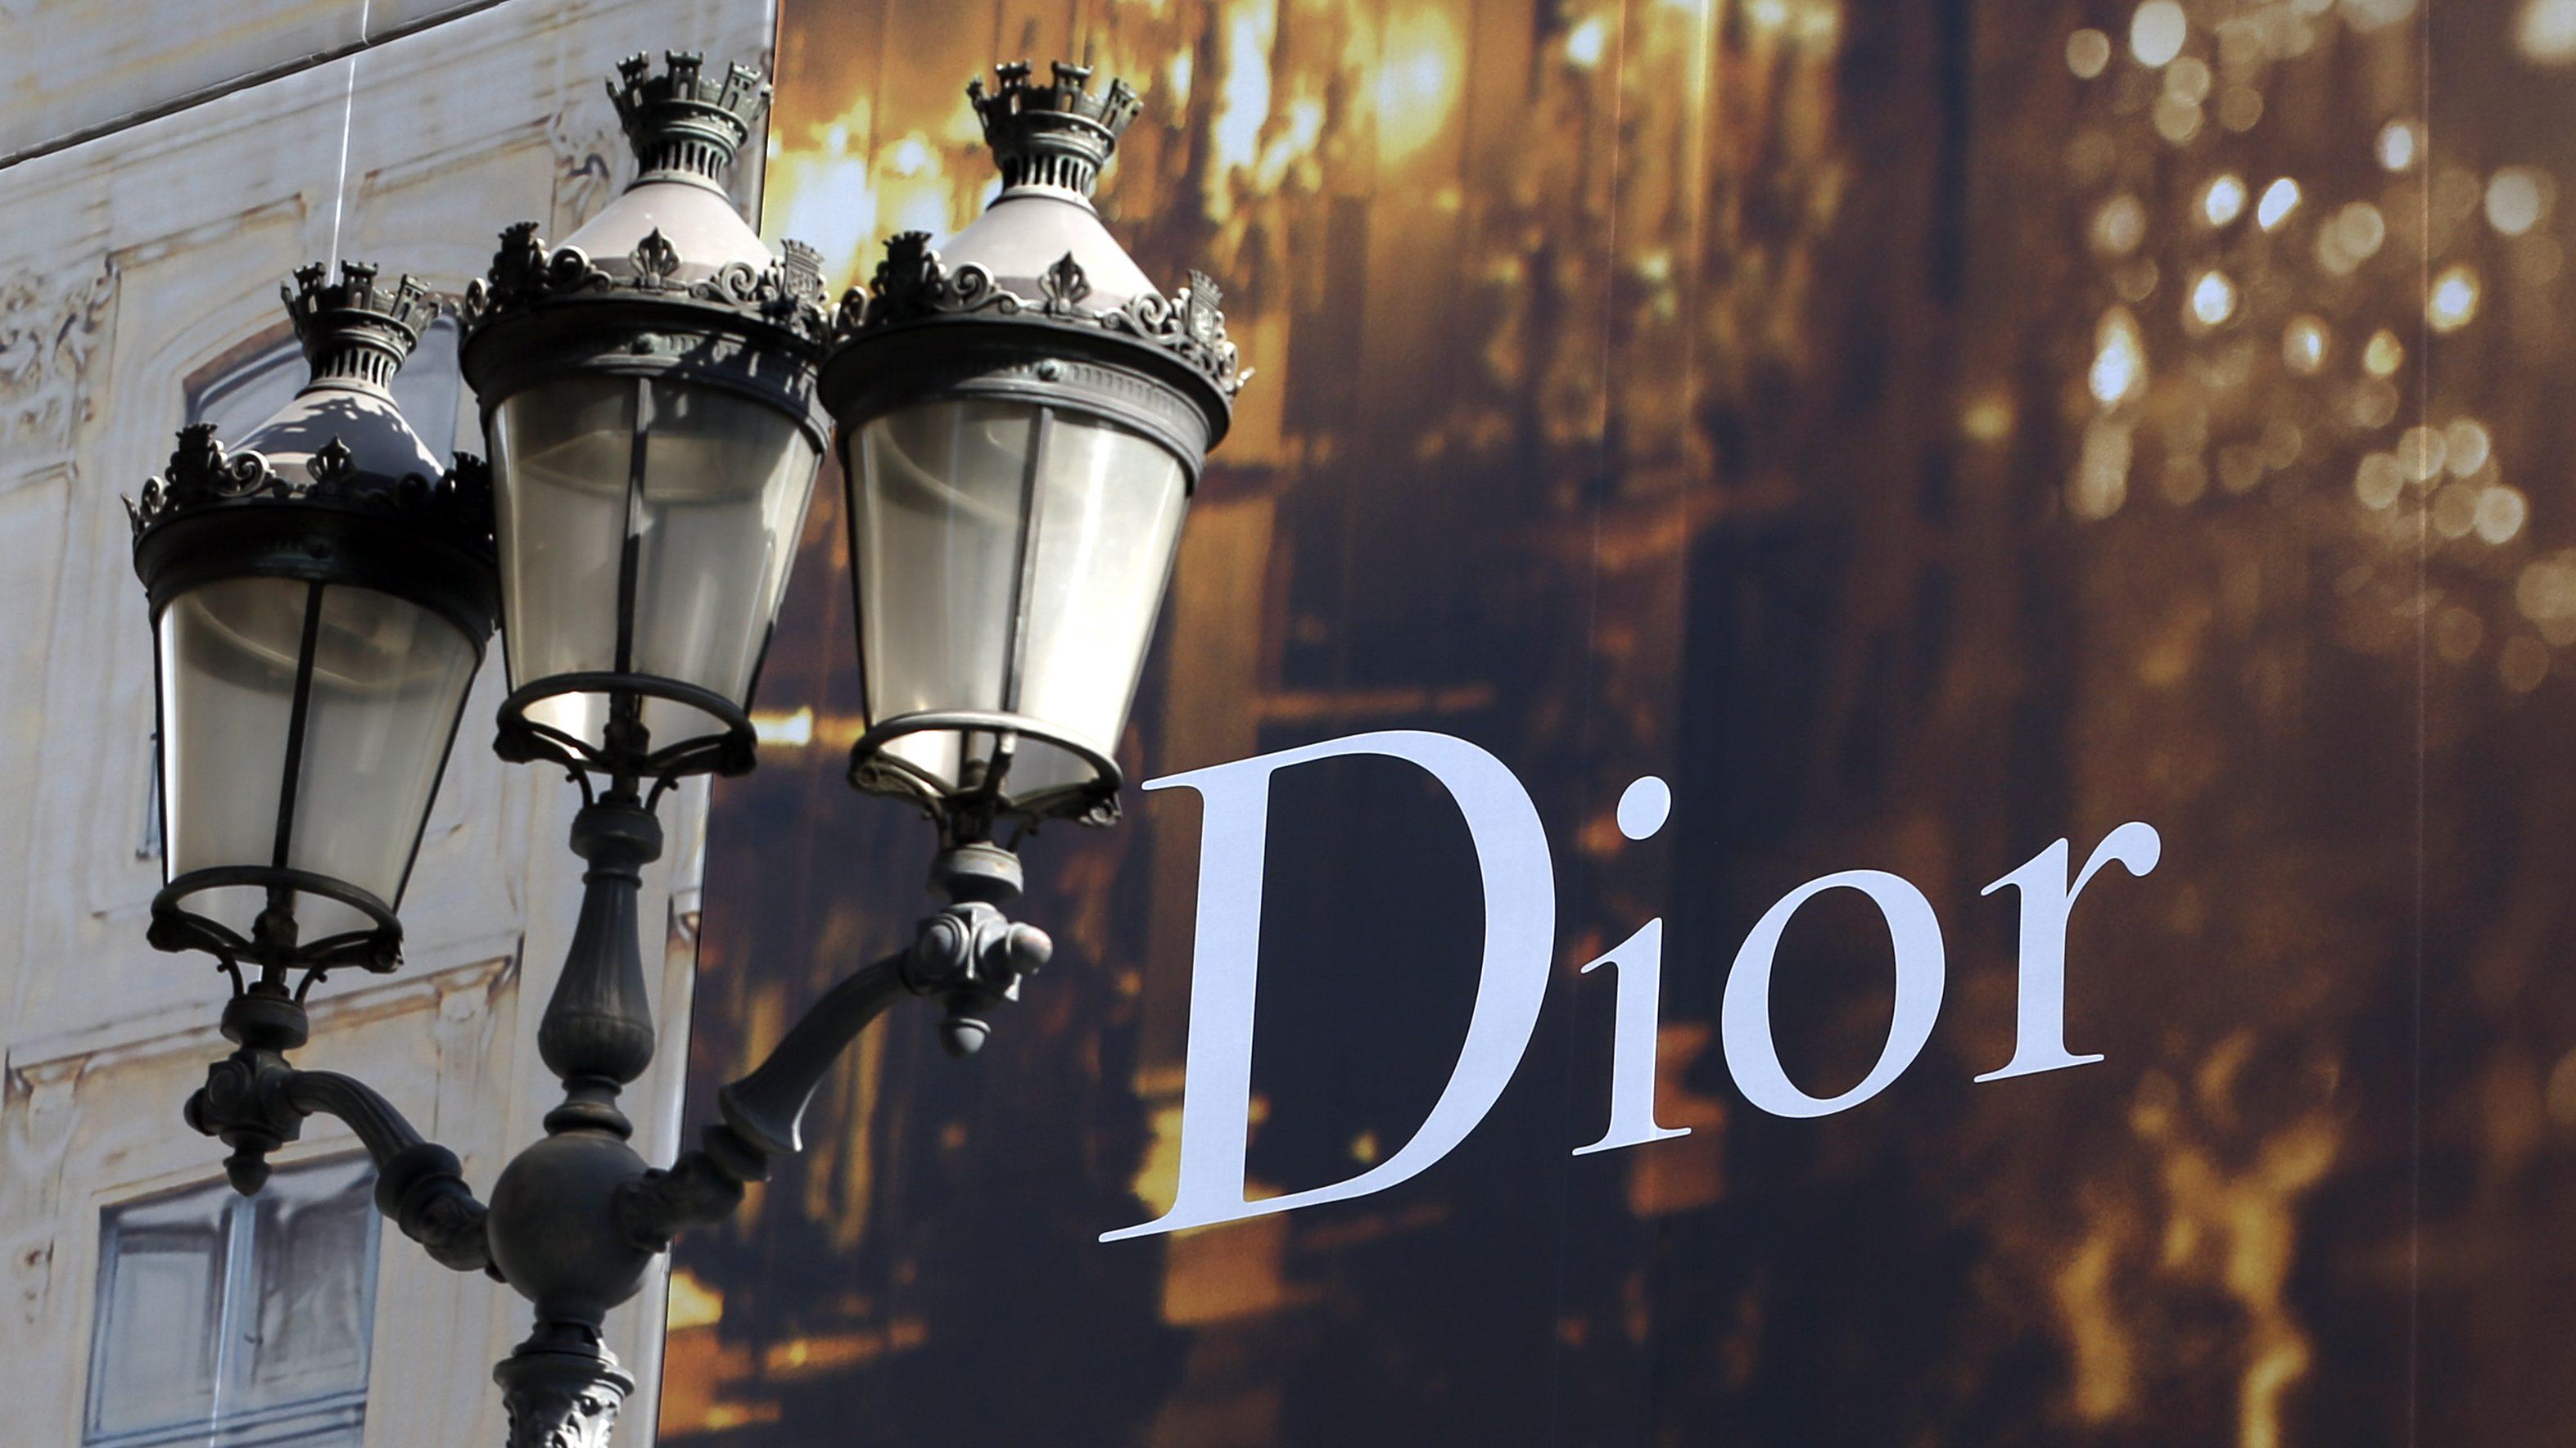 A Dior sign